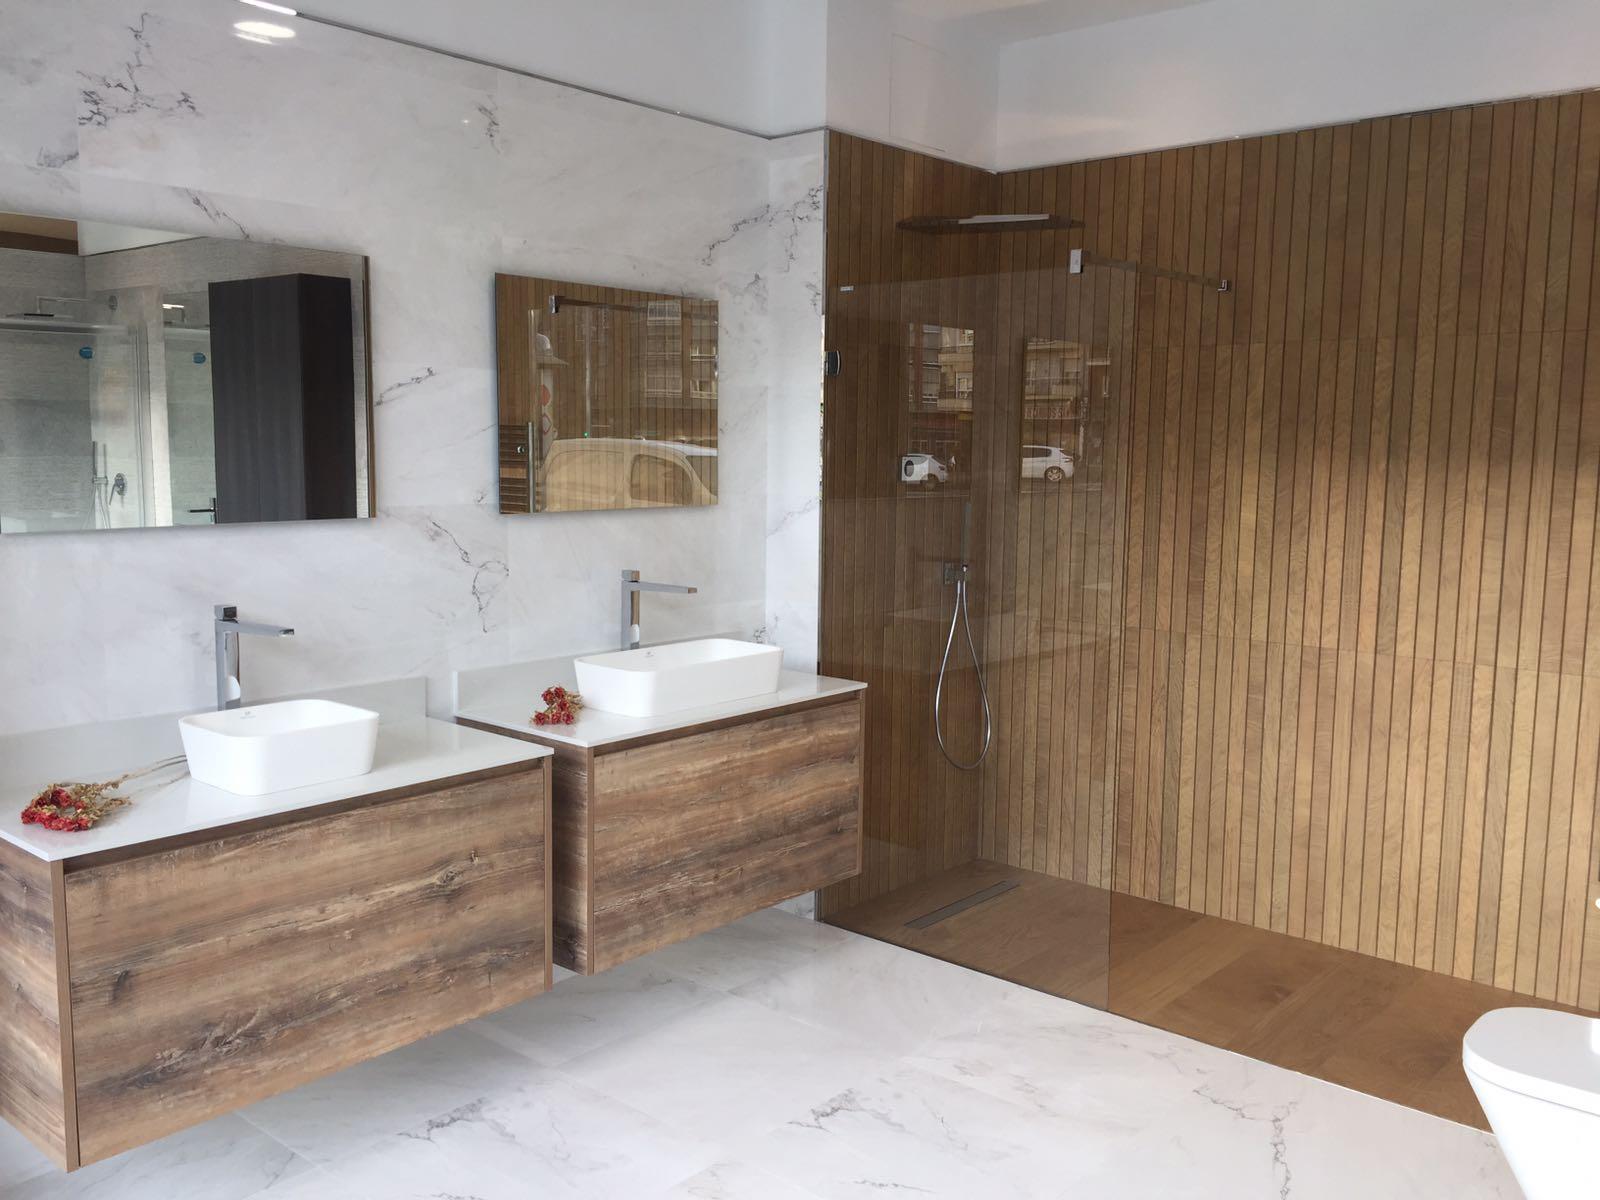 Buk Design León renovamos baños y cocinas de exposición